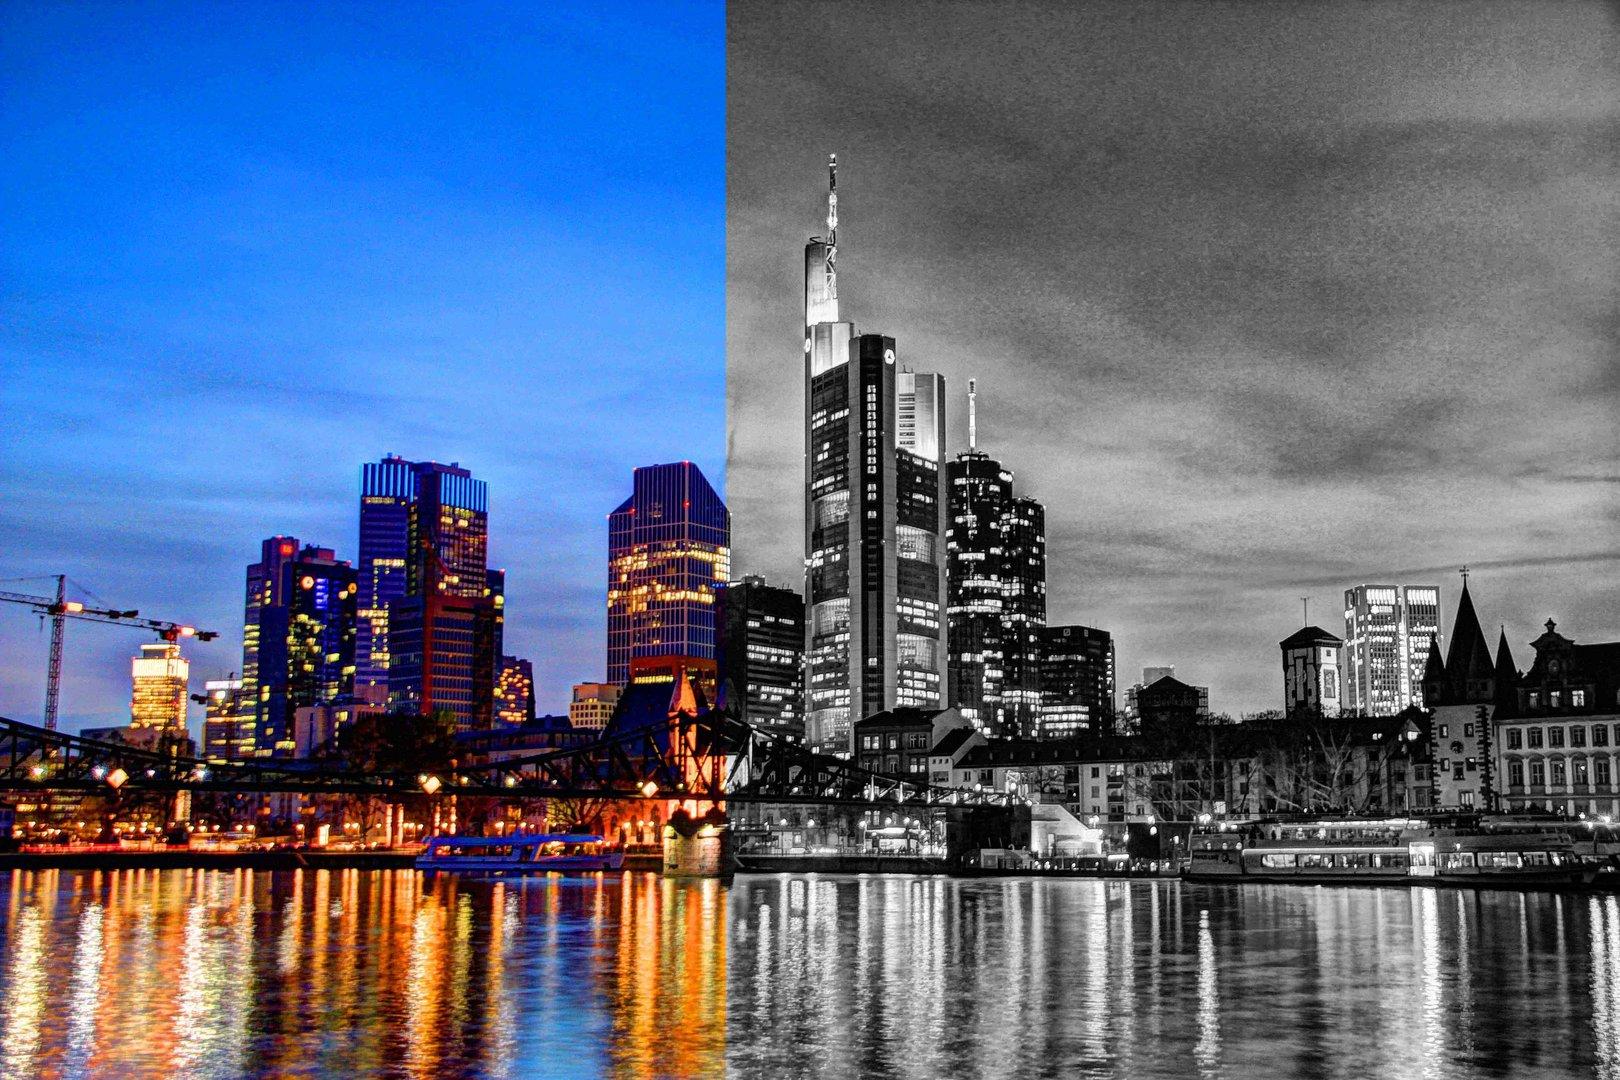 gespaltene Stadt